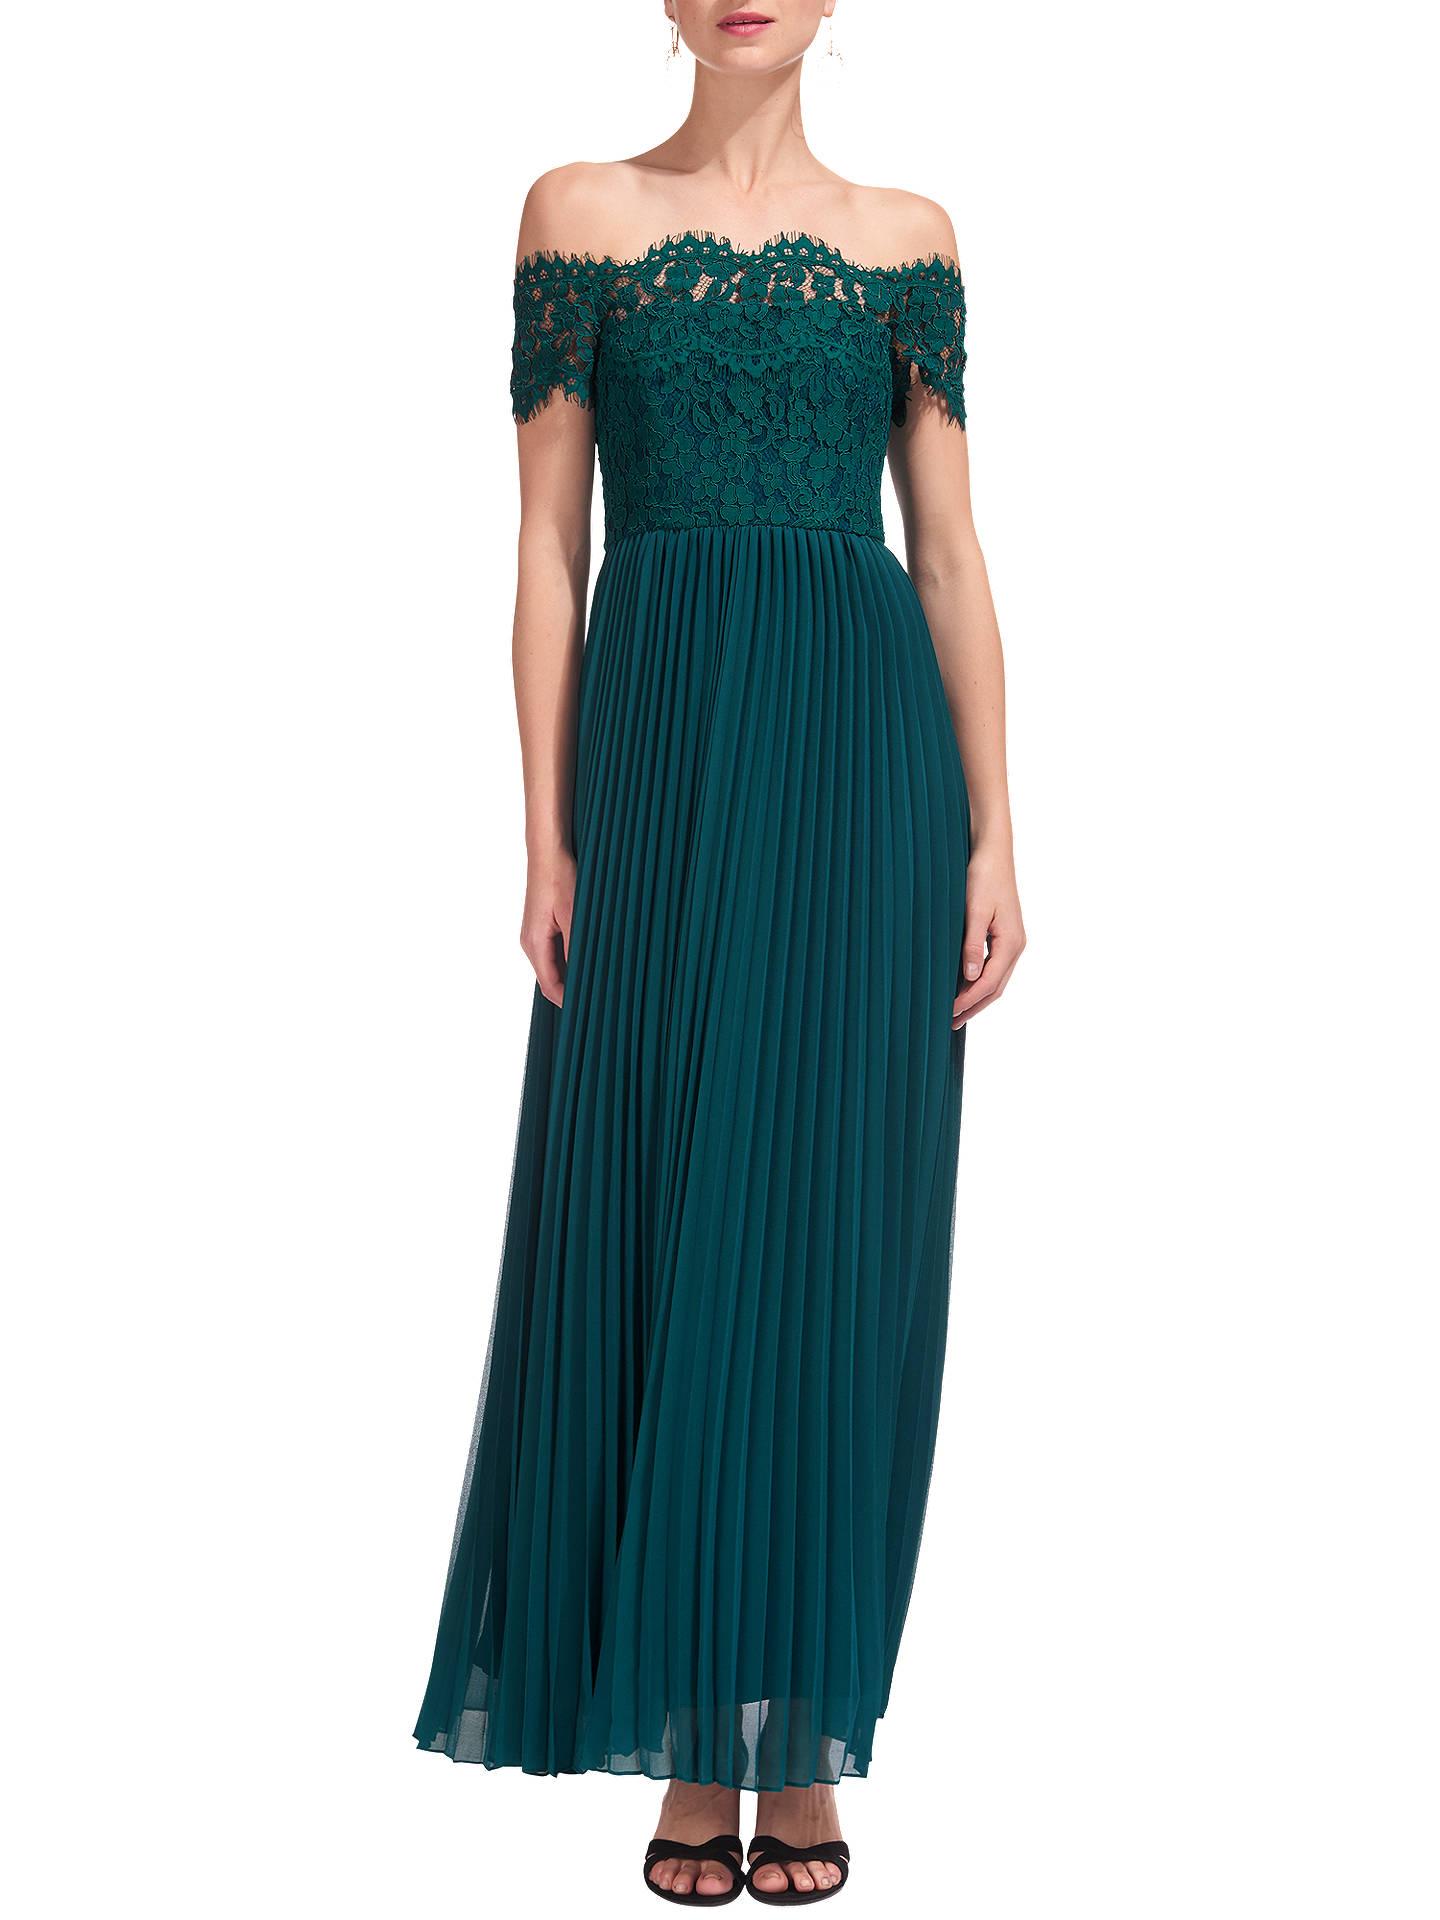 Whistles Bardot Lace Maxi Dress Green At John Lewis Partners